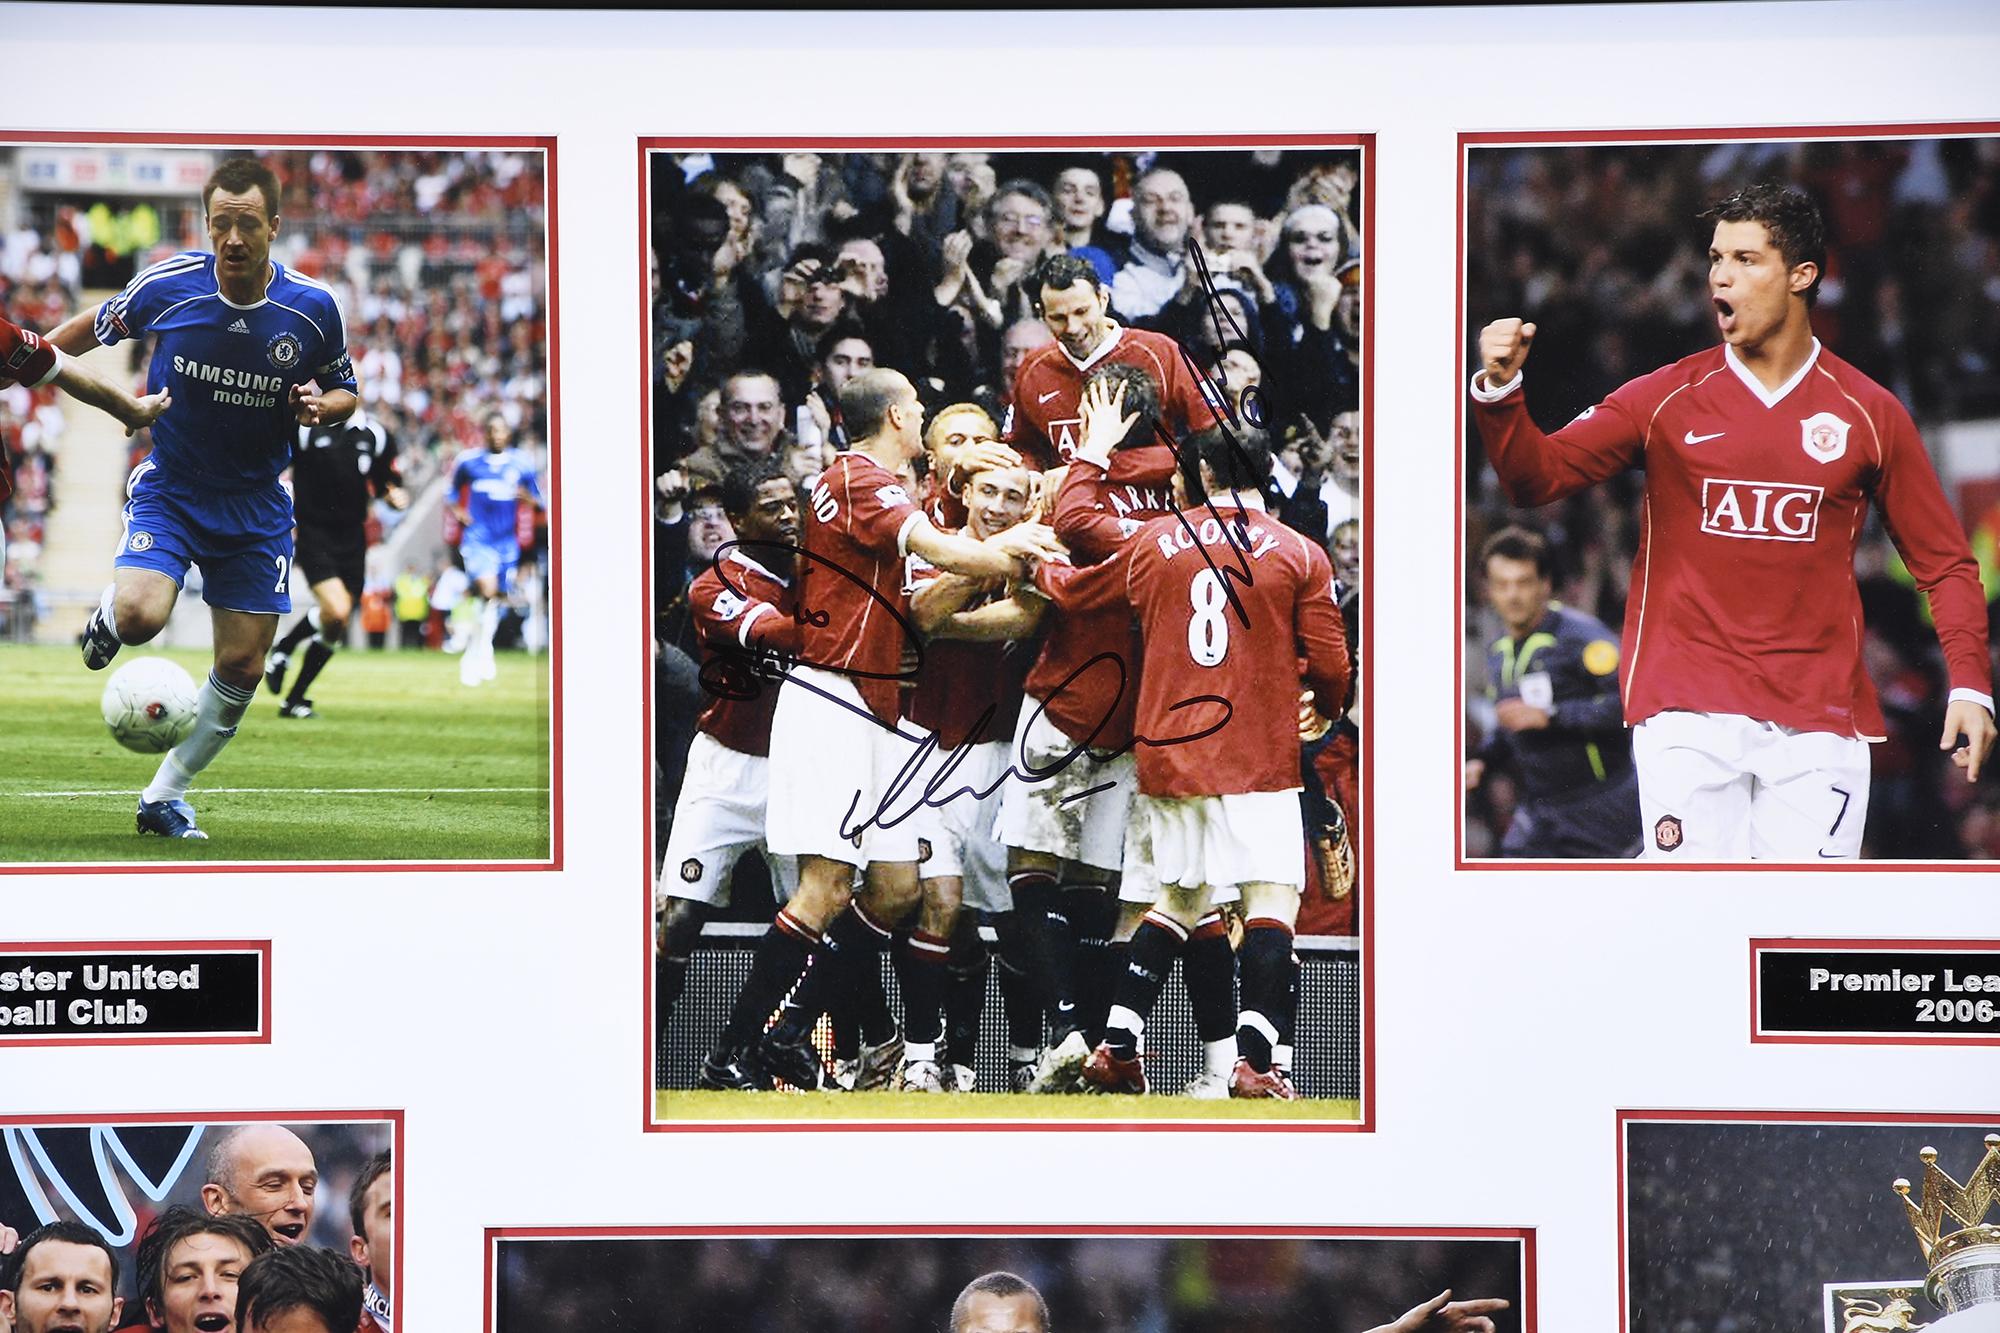 Man Utd Triple Signed Photo Presentation - Image 2 of 5